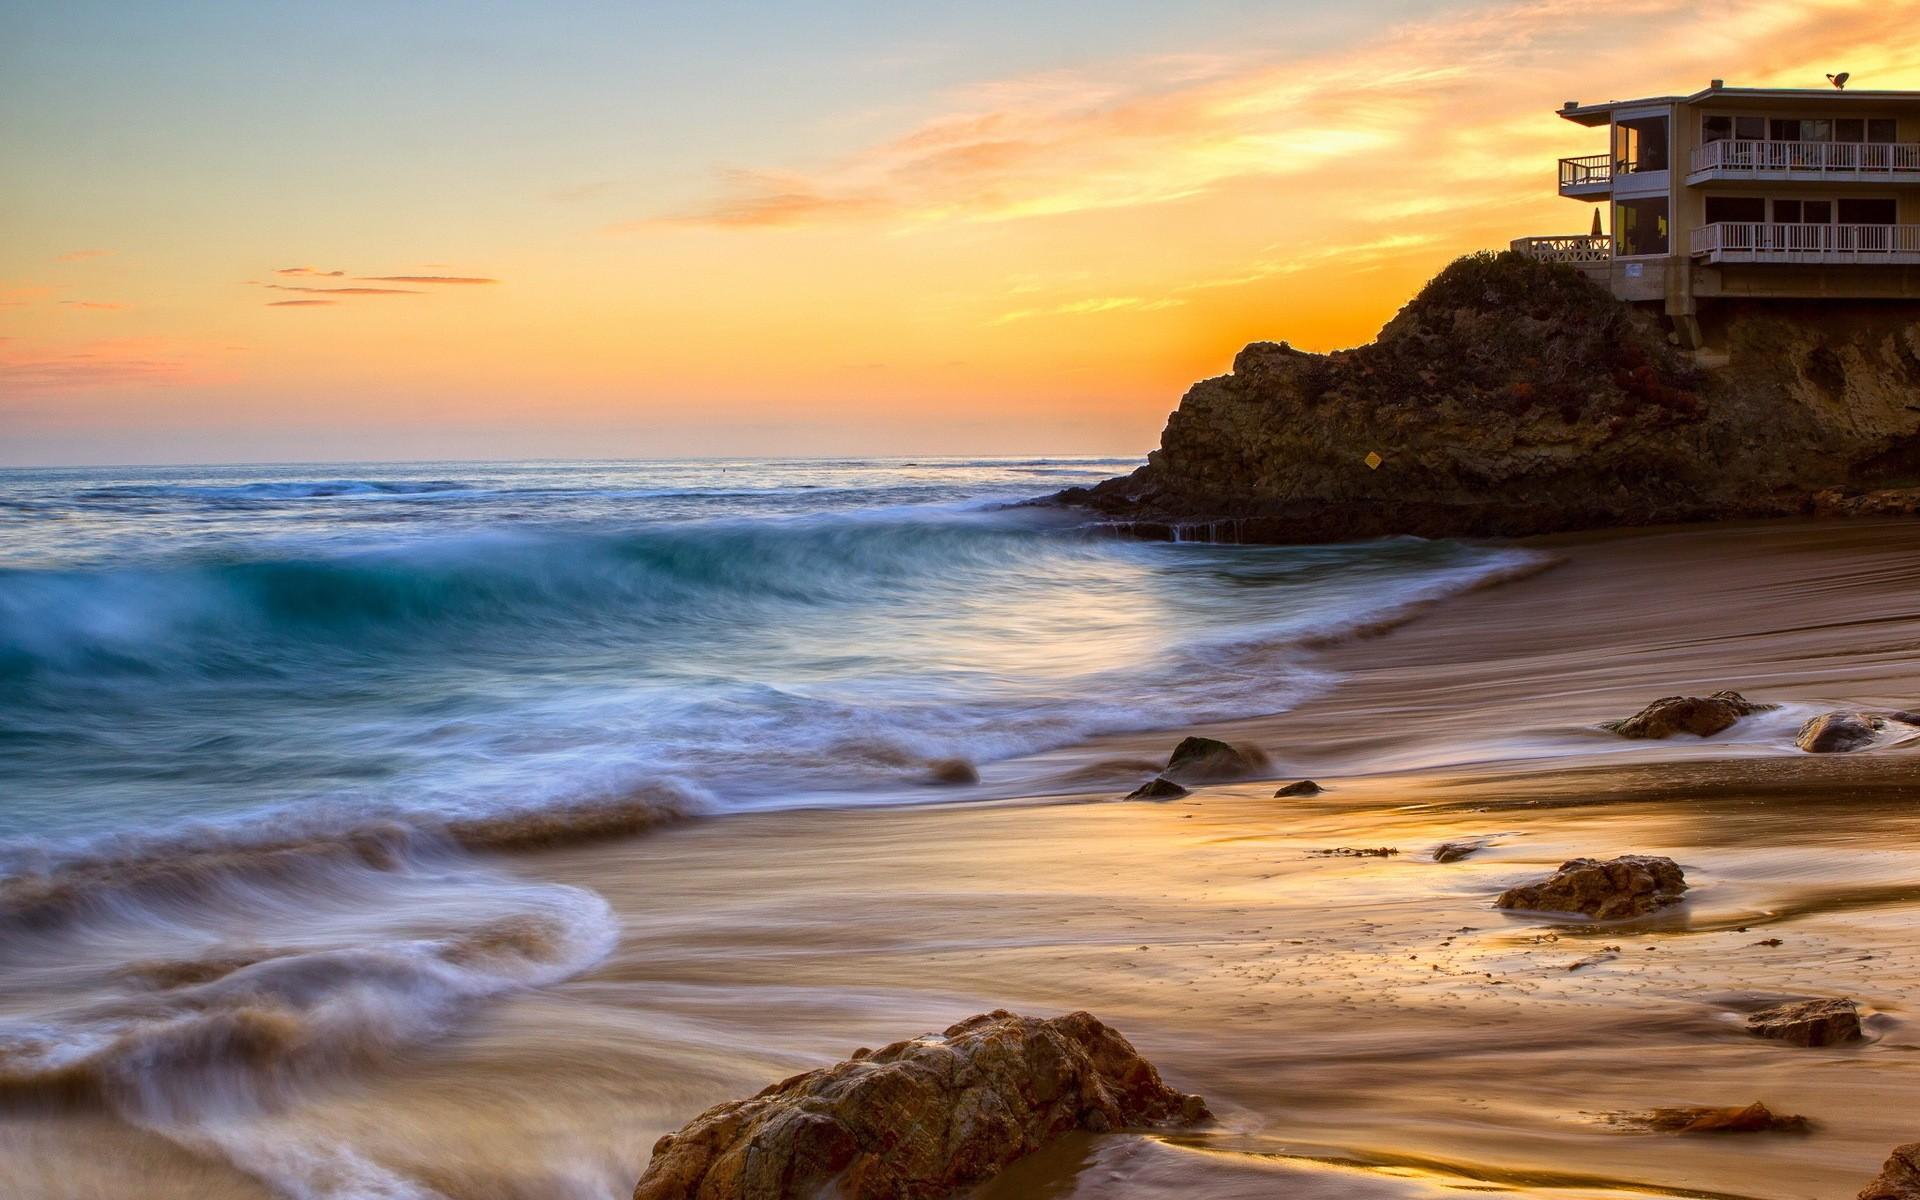 Heisler Park Sunset Laguna Beach Wallpaper 150974 1920x1200